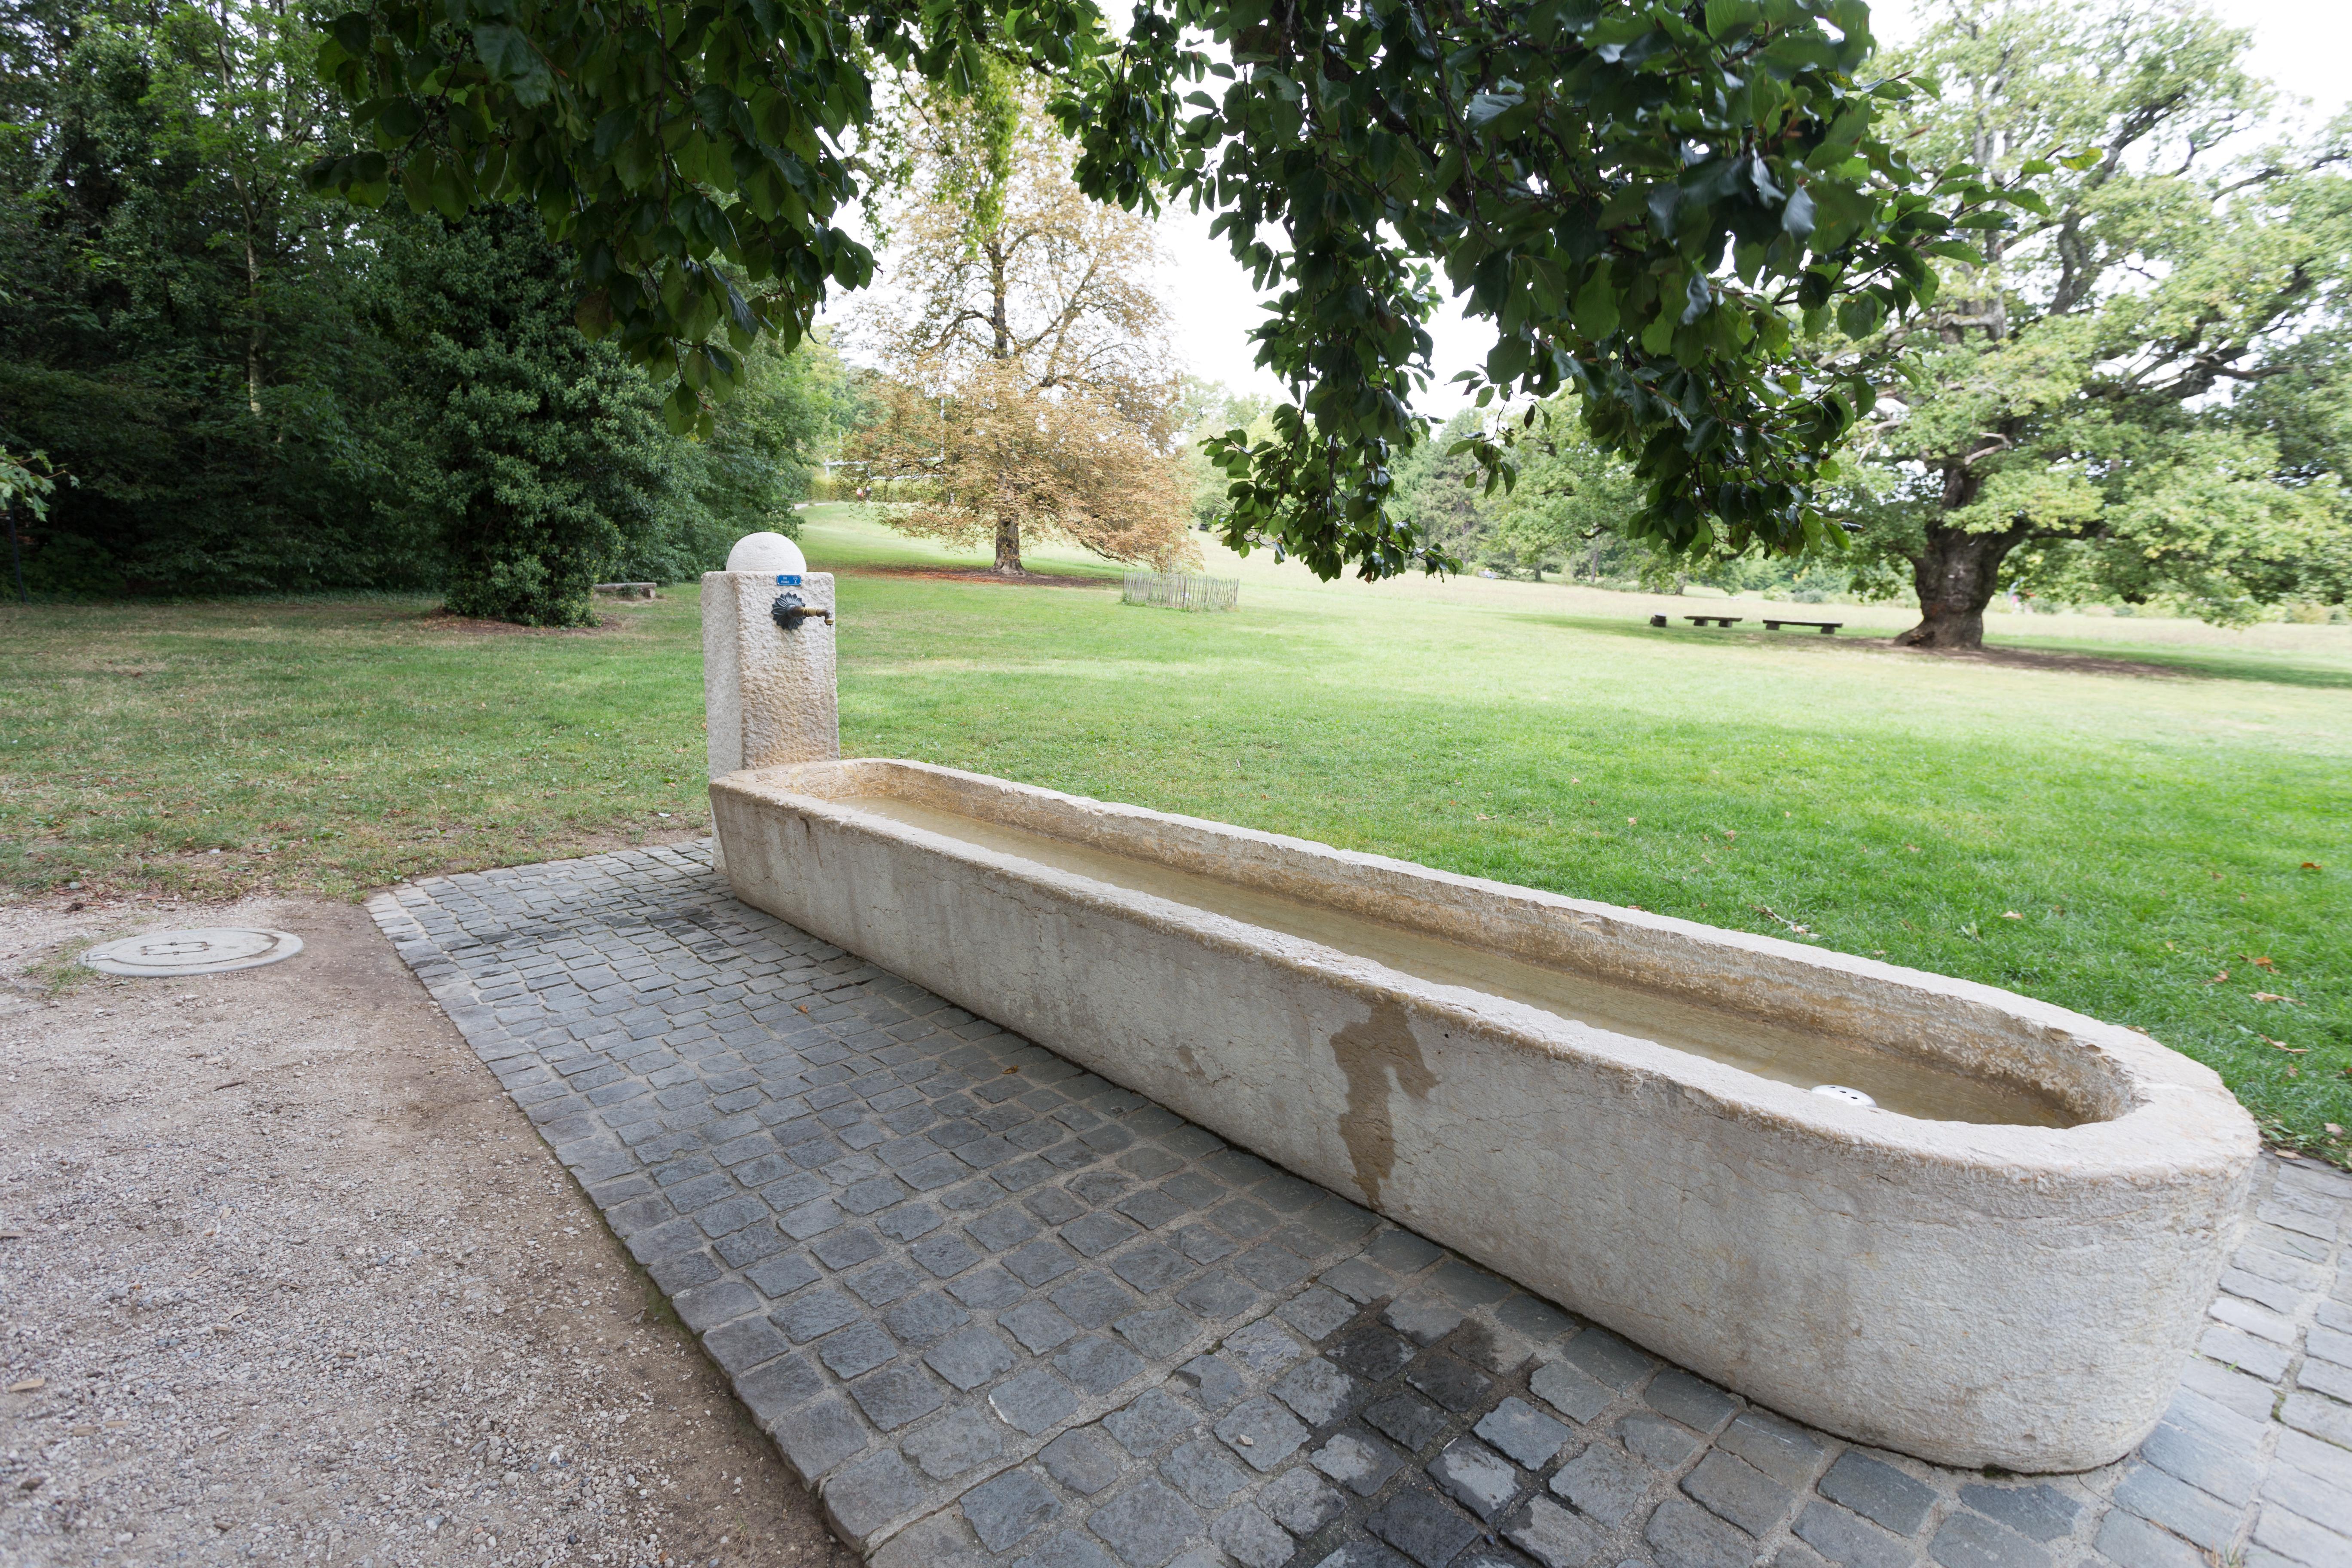 Photo Fontaine De Jardin file:fontaine de l'extension du jardin botanique